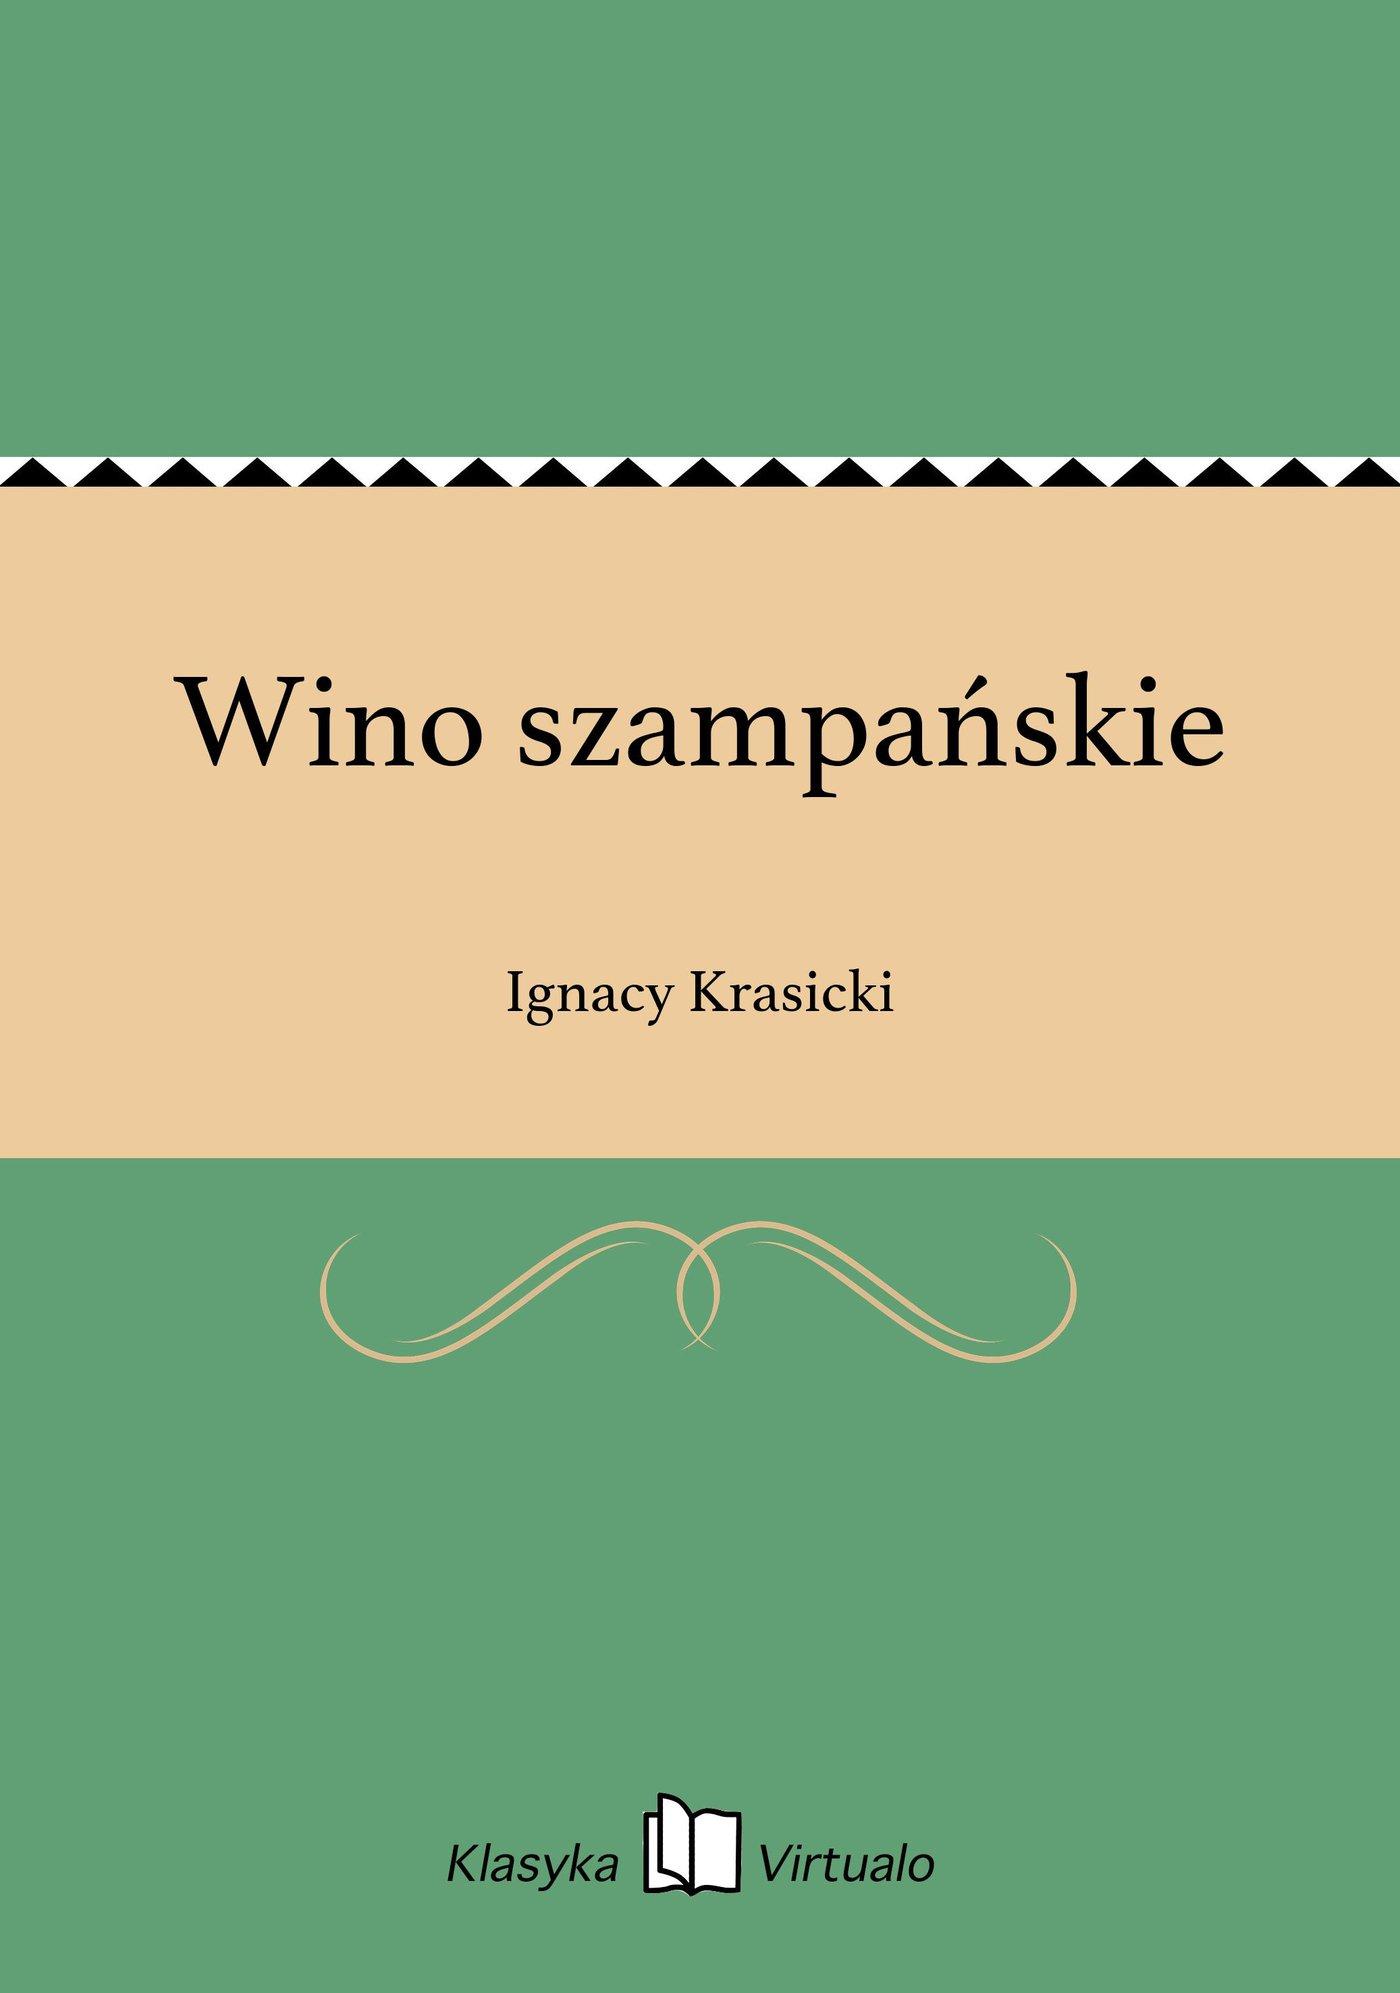 Wino szampańskie - Ebook (Książka EPUB) do pobrania w formacie EPUB